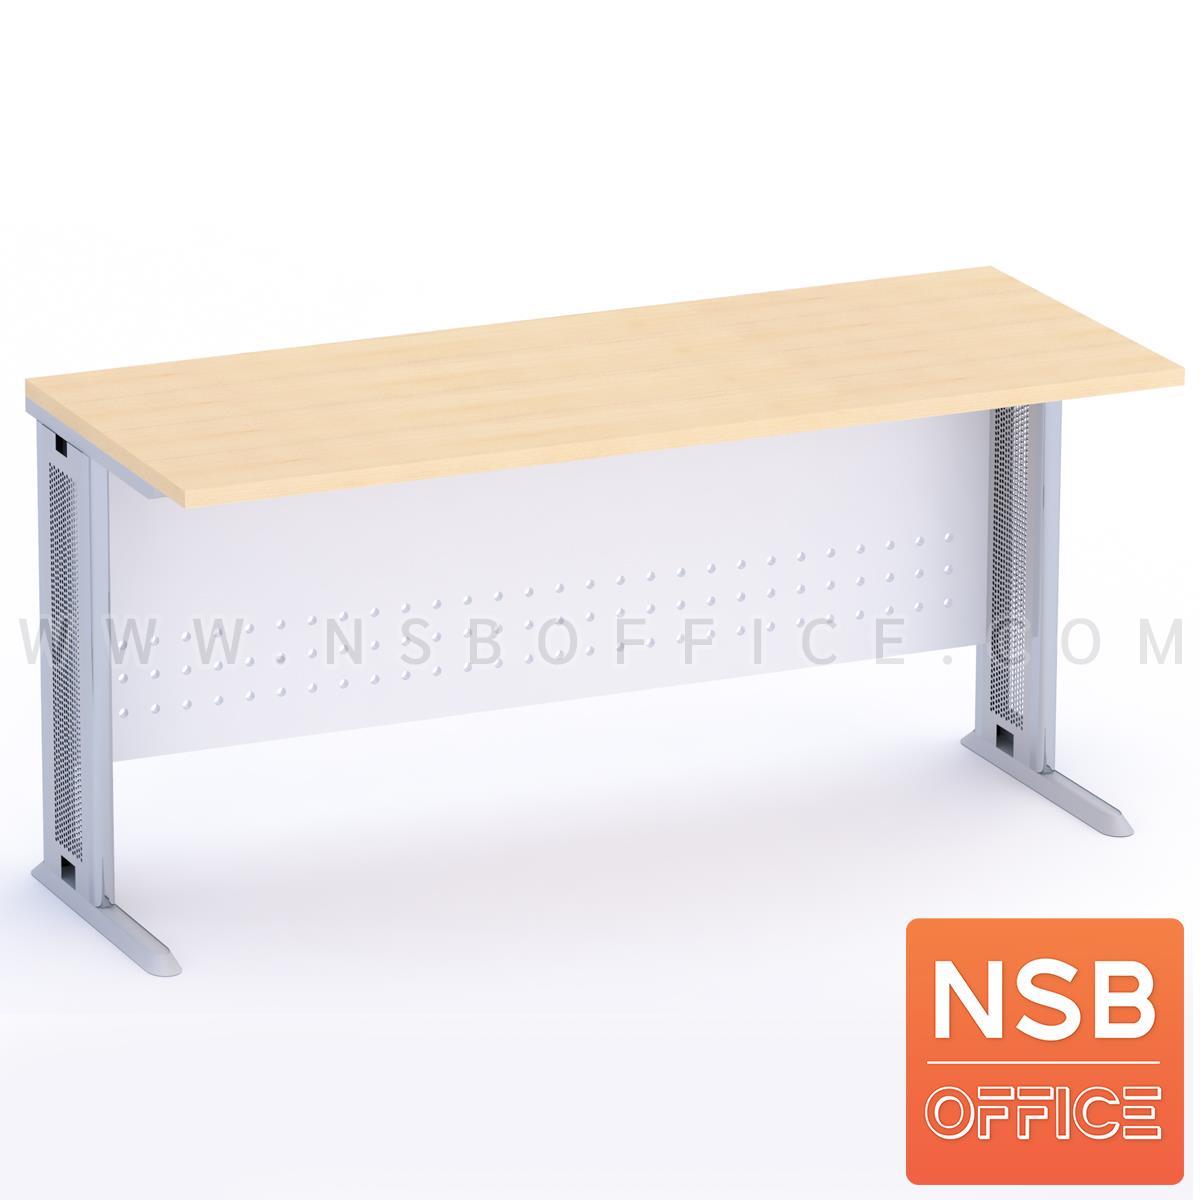 A10A094:โต๊ะทำงาน หน้าตรง รุ่น Bryson (ไบรสัน)  บังตาเหล็ก ขาเหล็ก